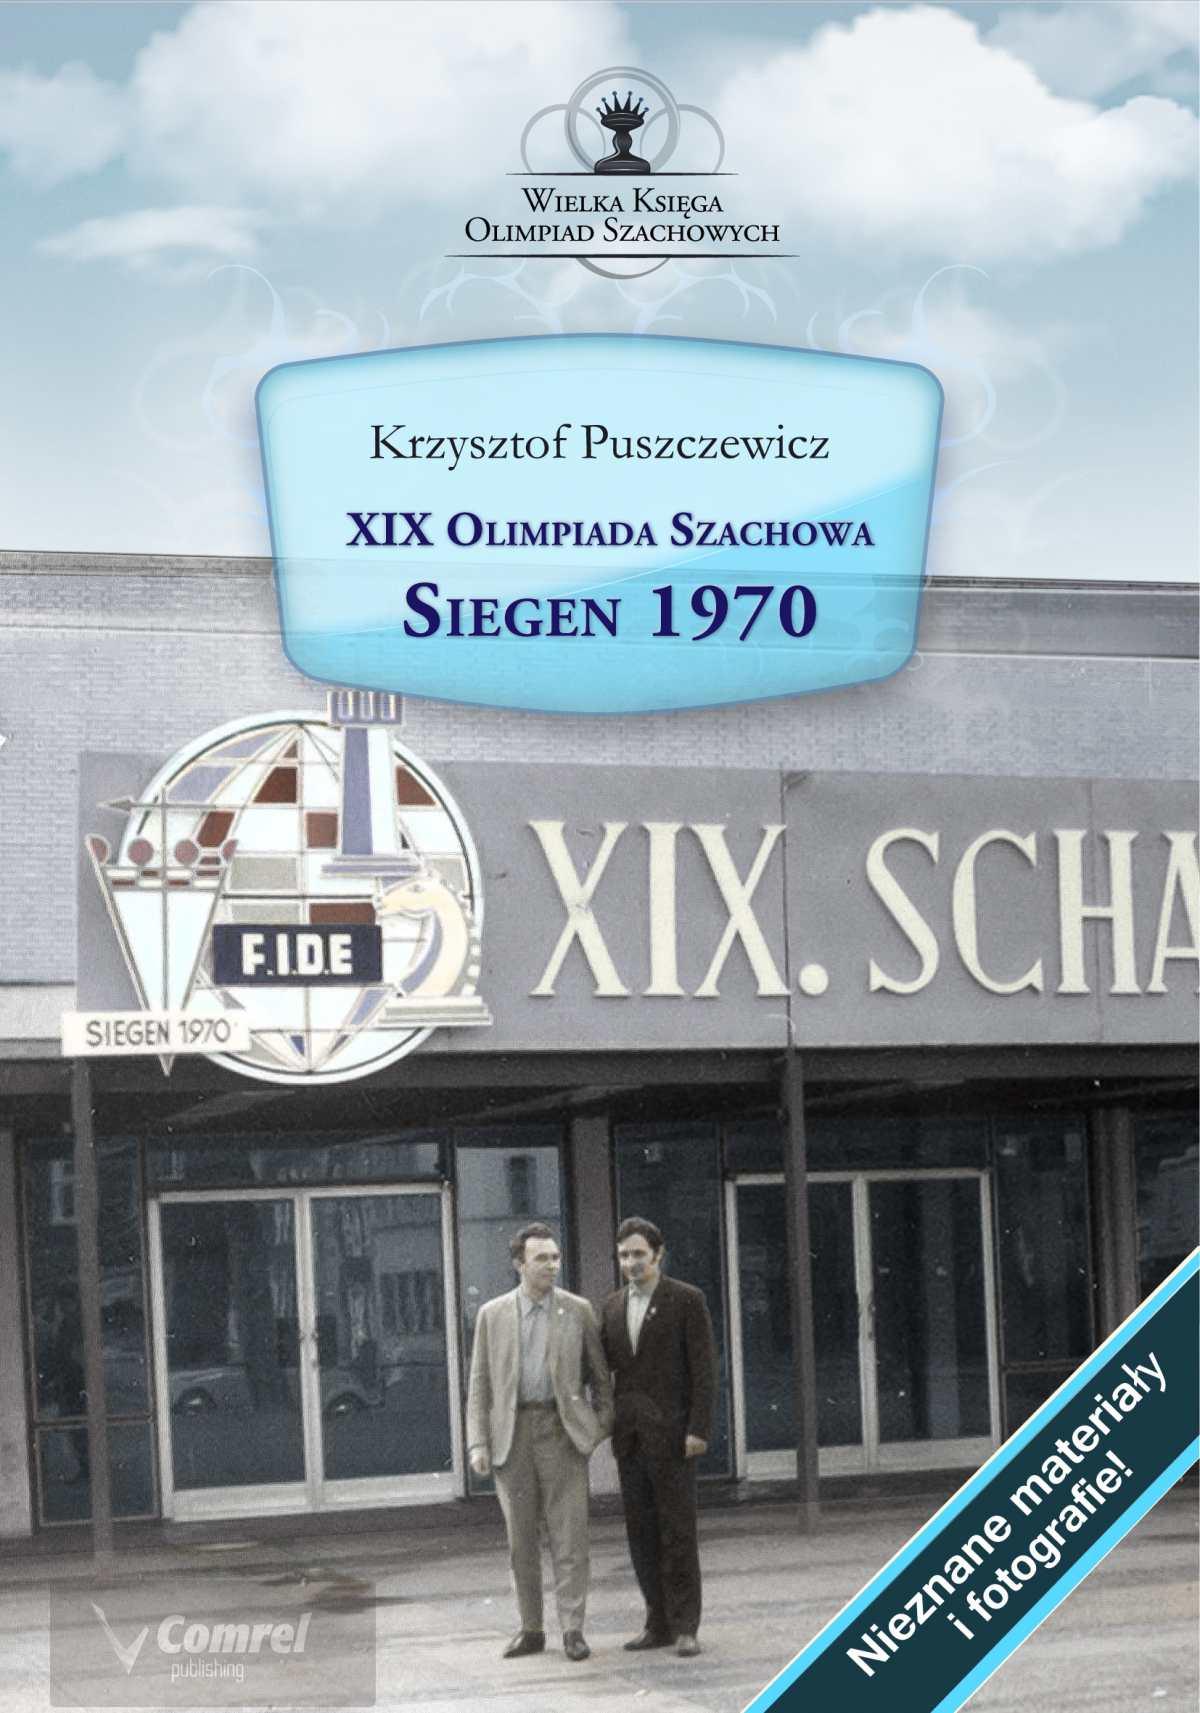 XIX Olimpiada Szachowa. Siegen 1970 - Ebook (Książka PDF) do pobrania w formacie PDF